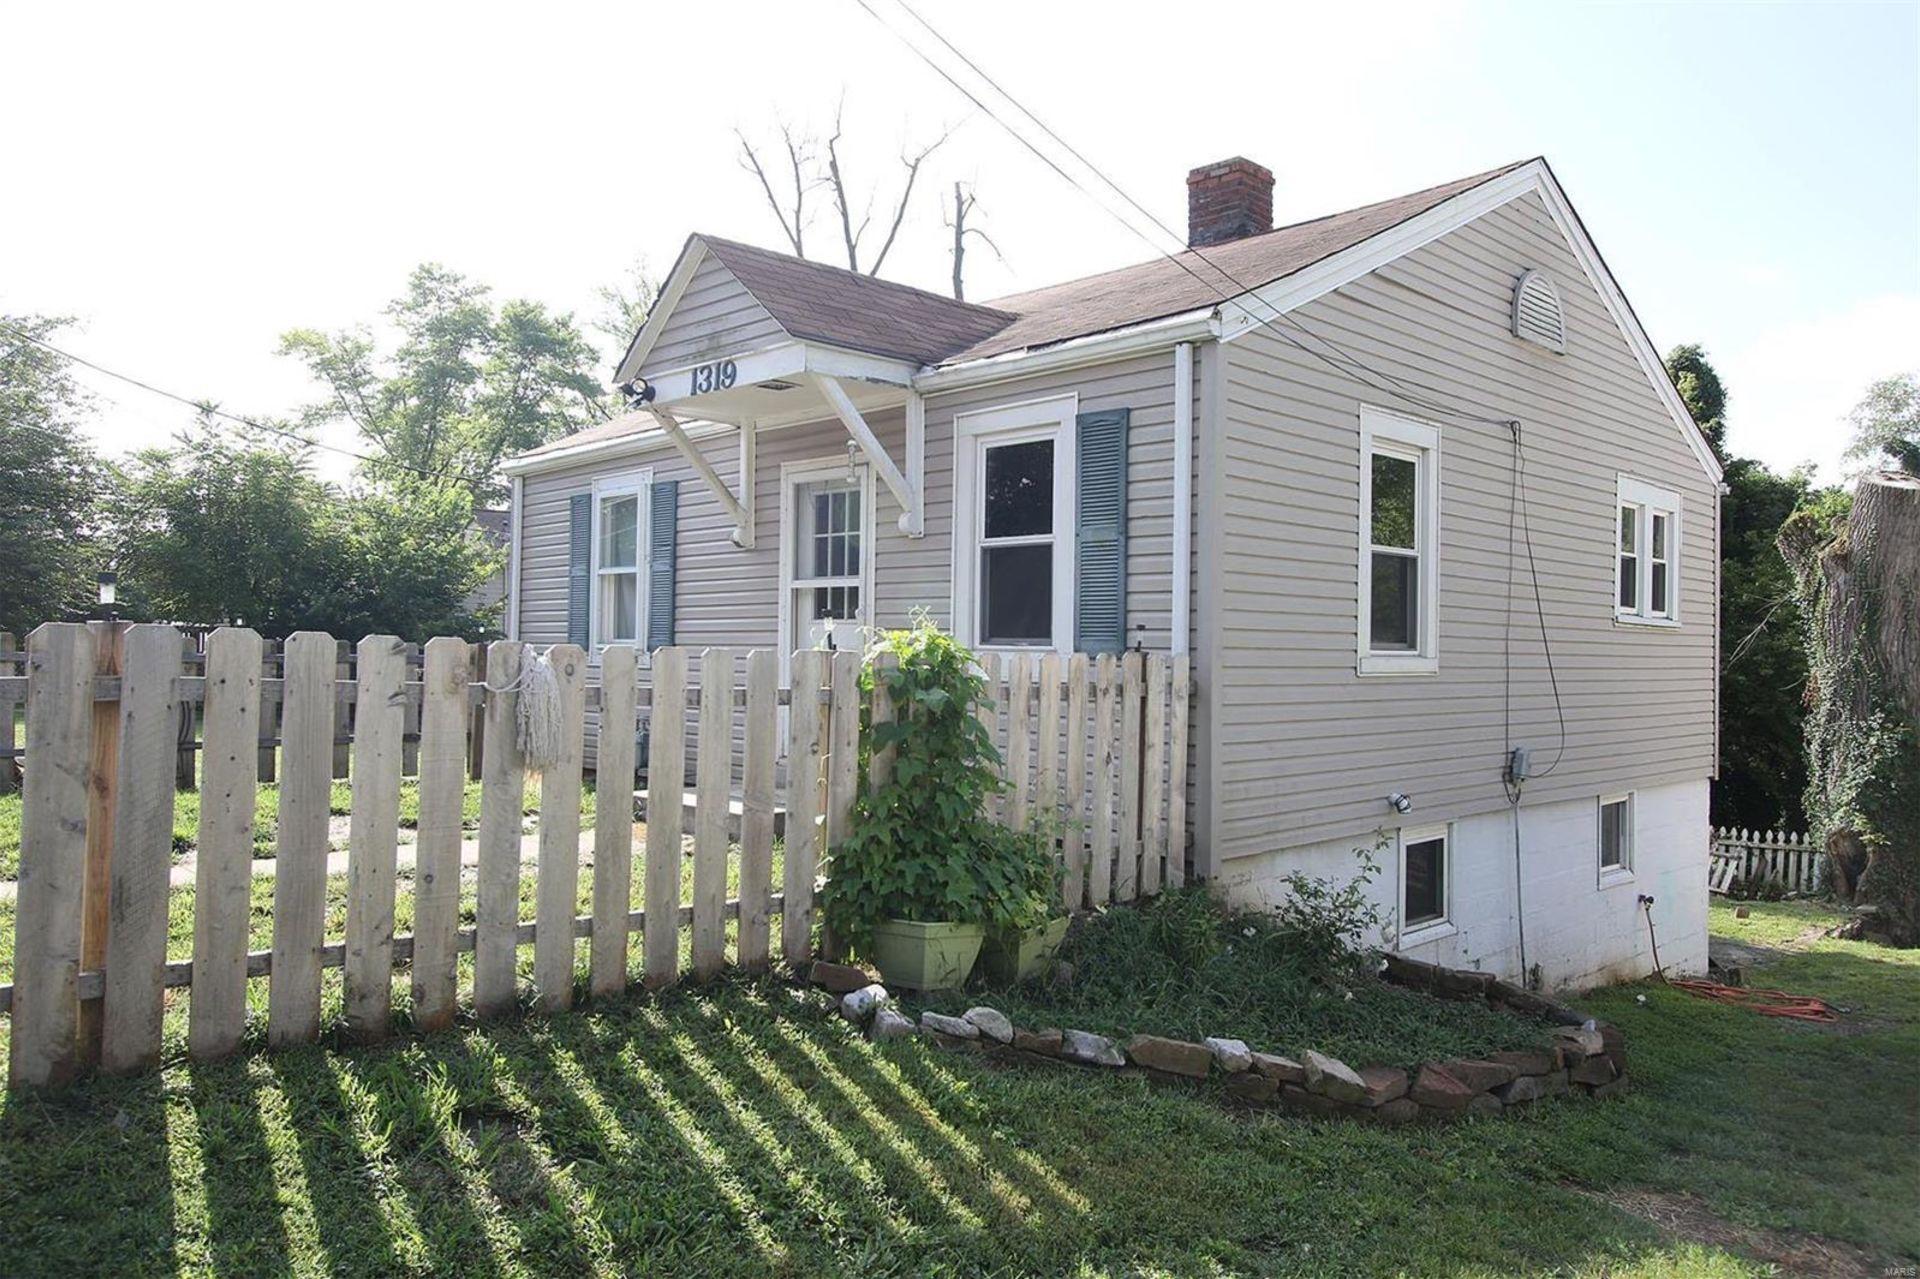 1319 Saint Clair Avenue, Collinsville IL 62234